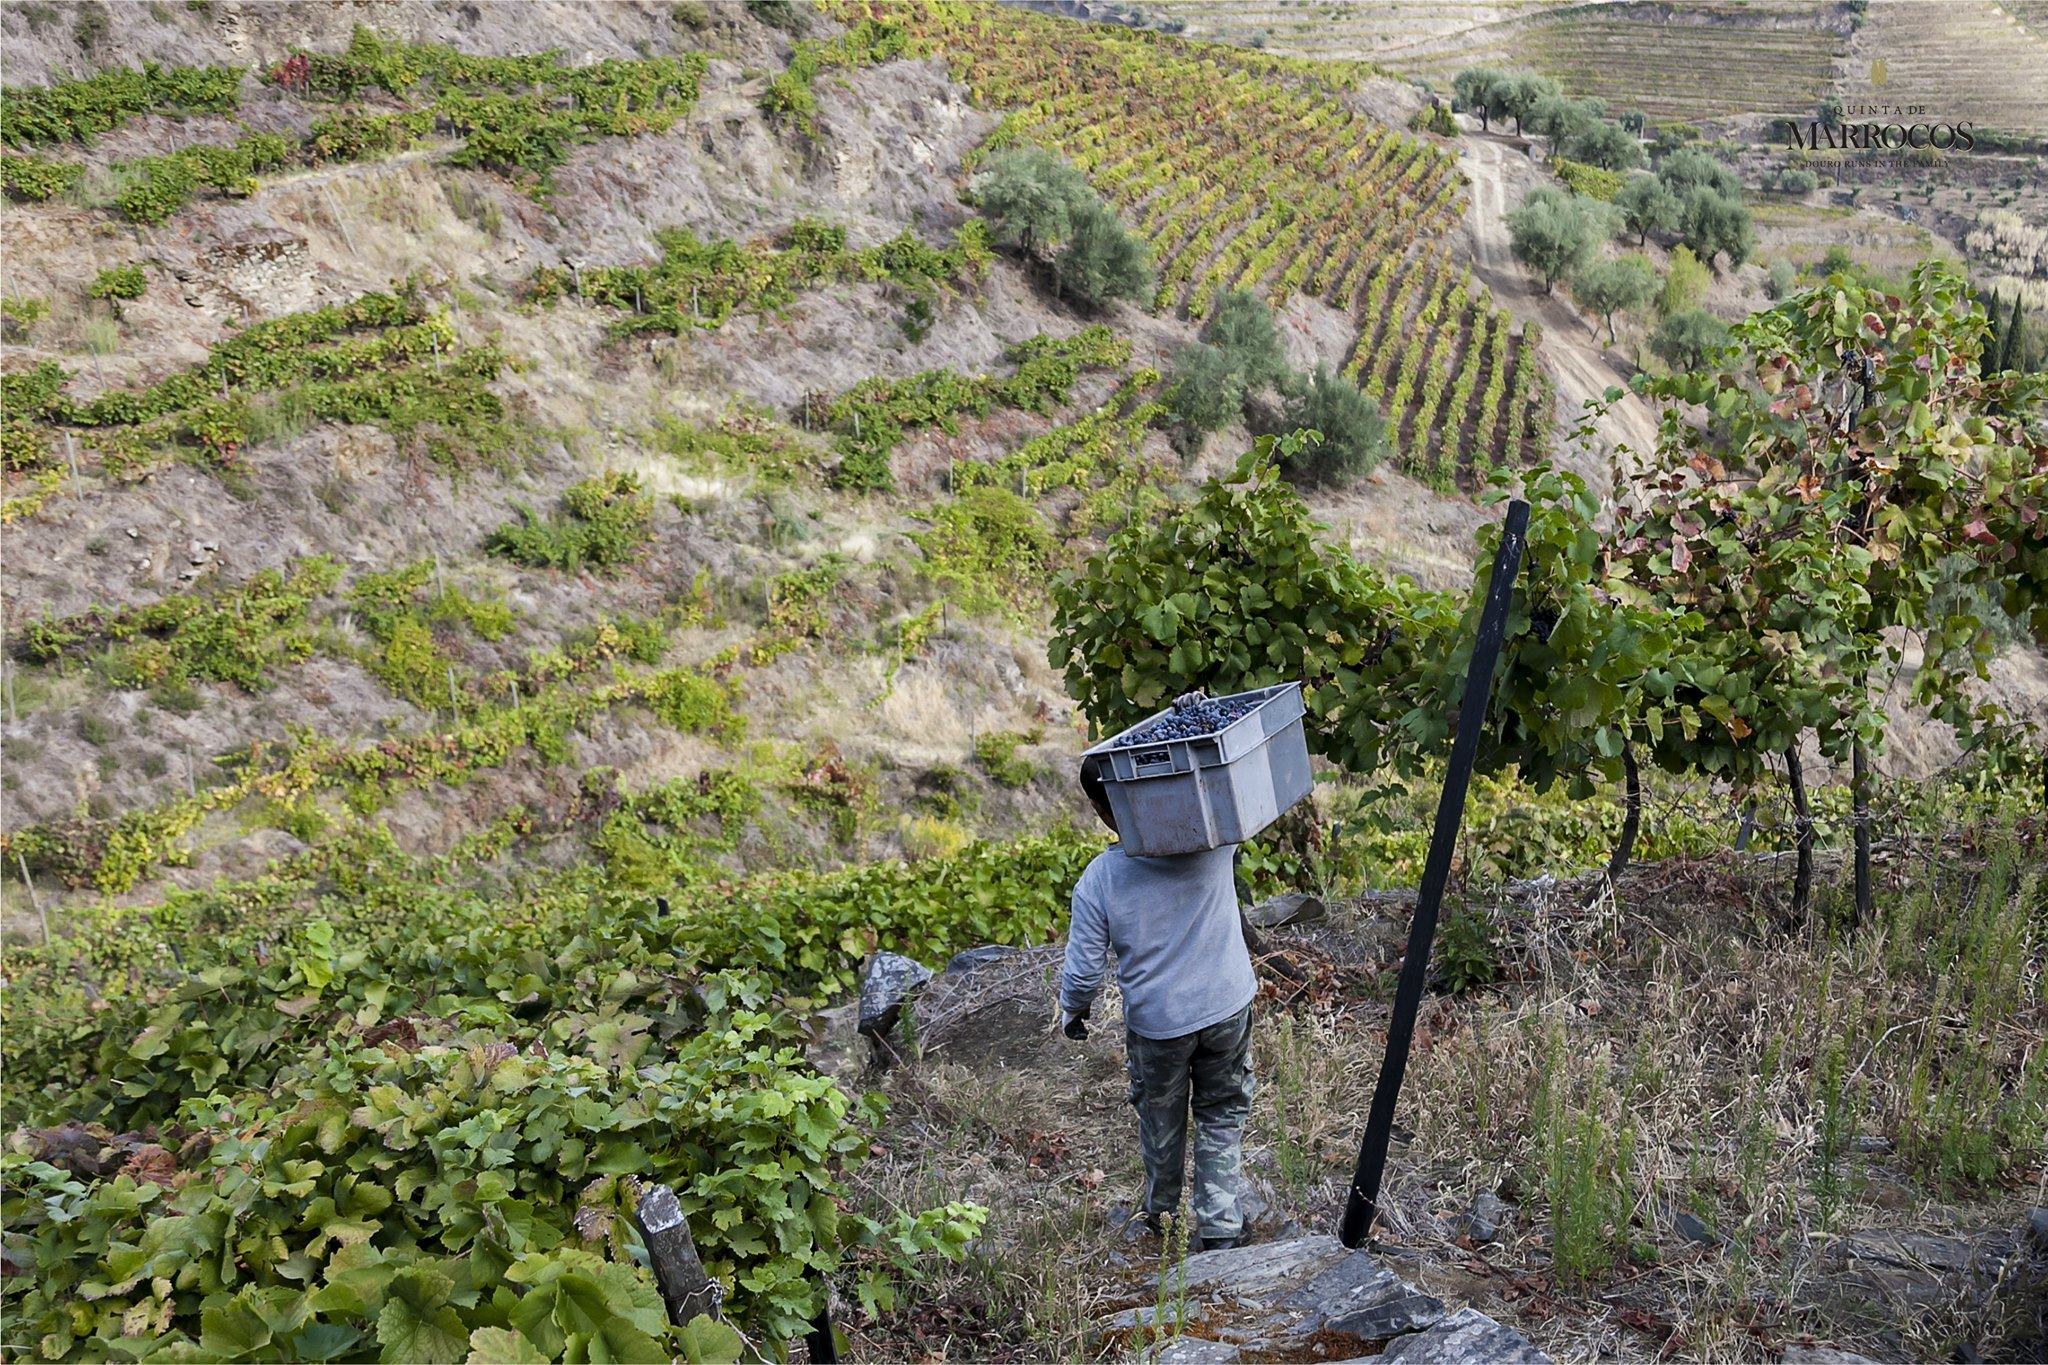 Vindimas na Quinta de Marrocos no Douro